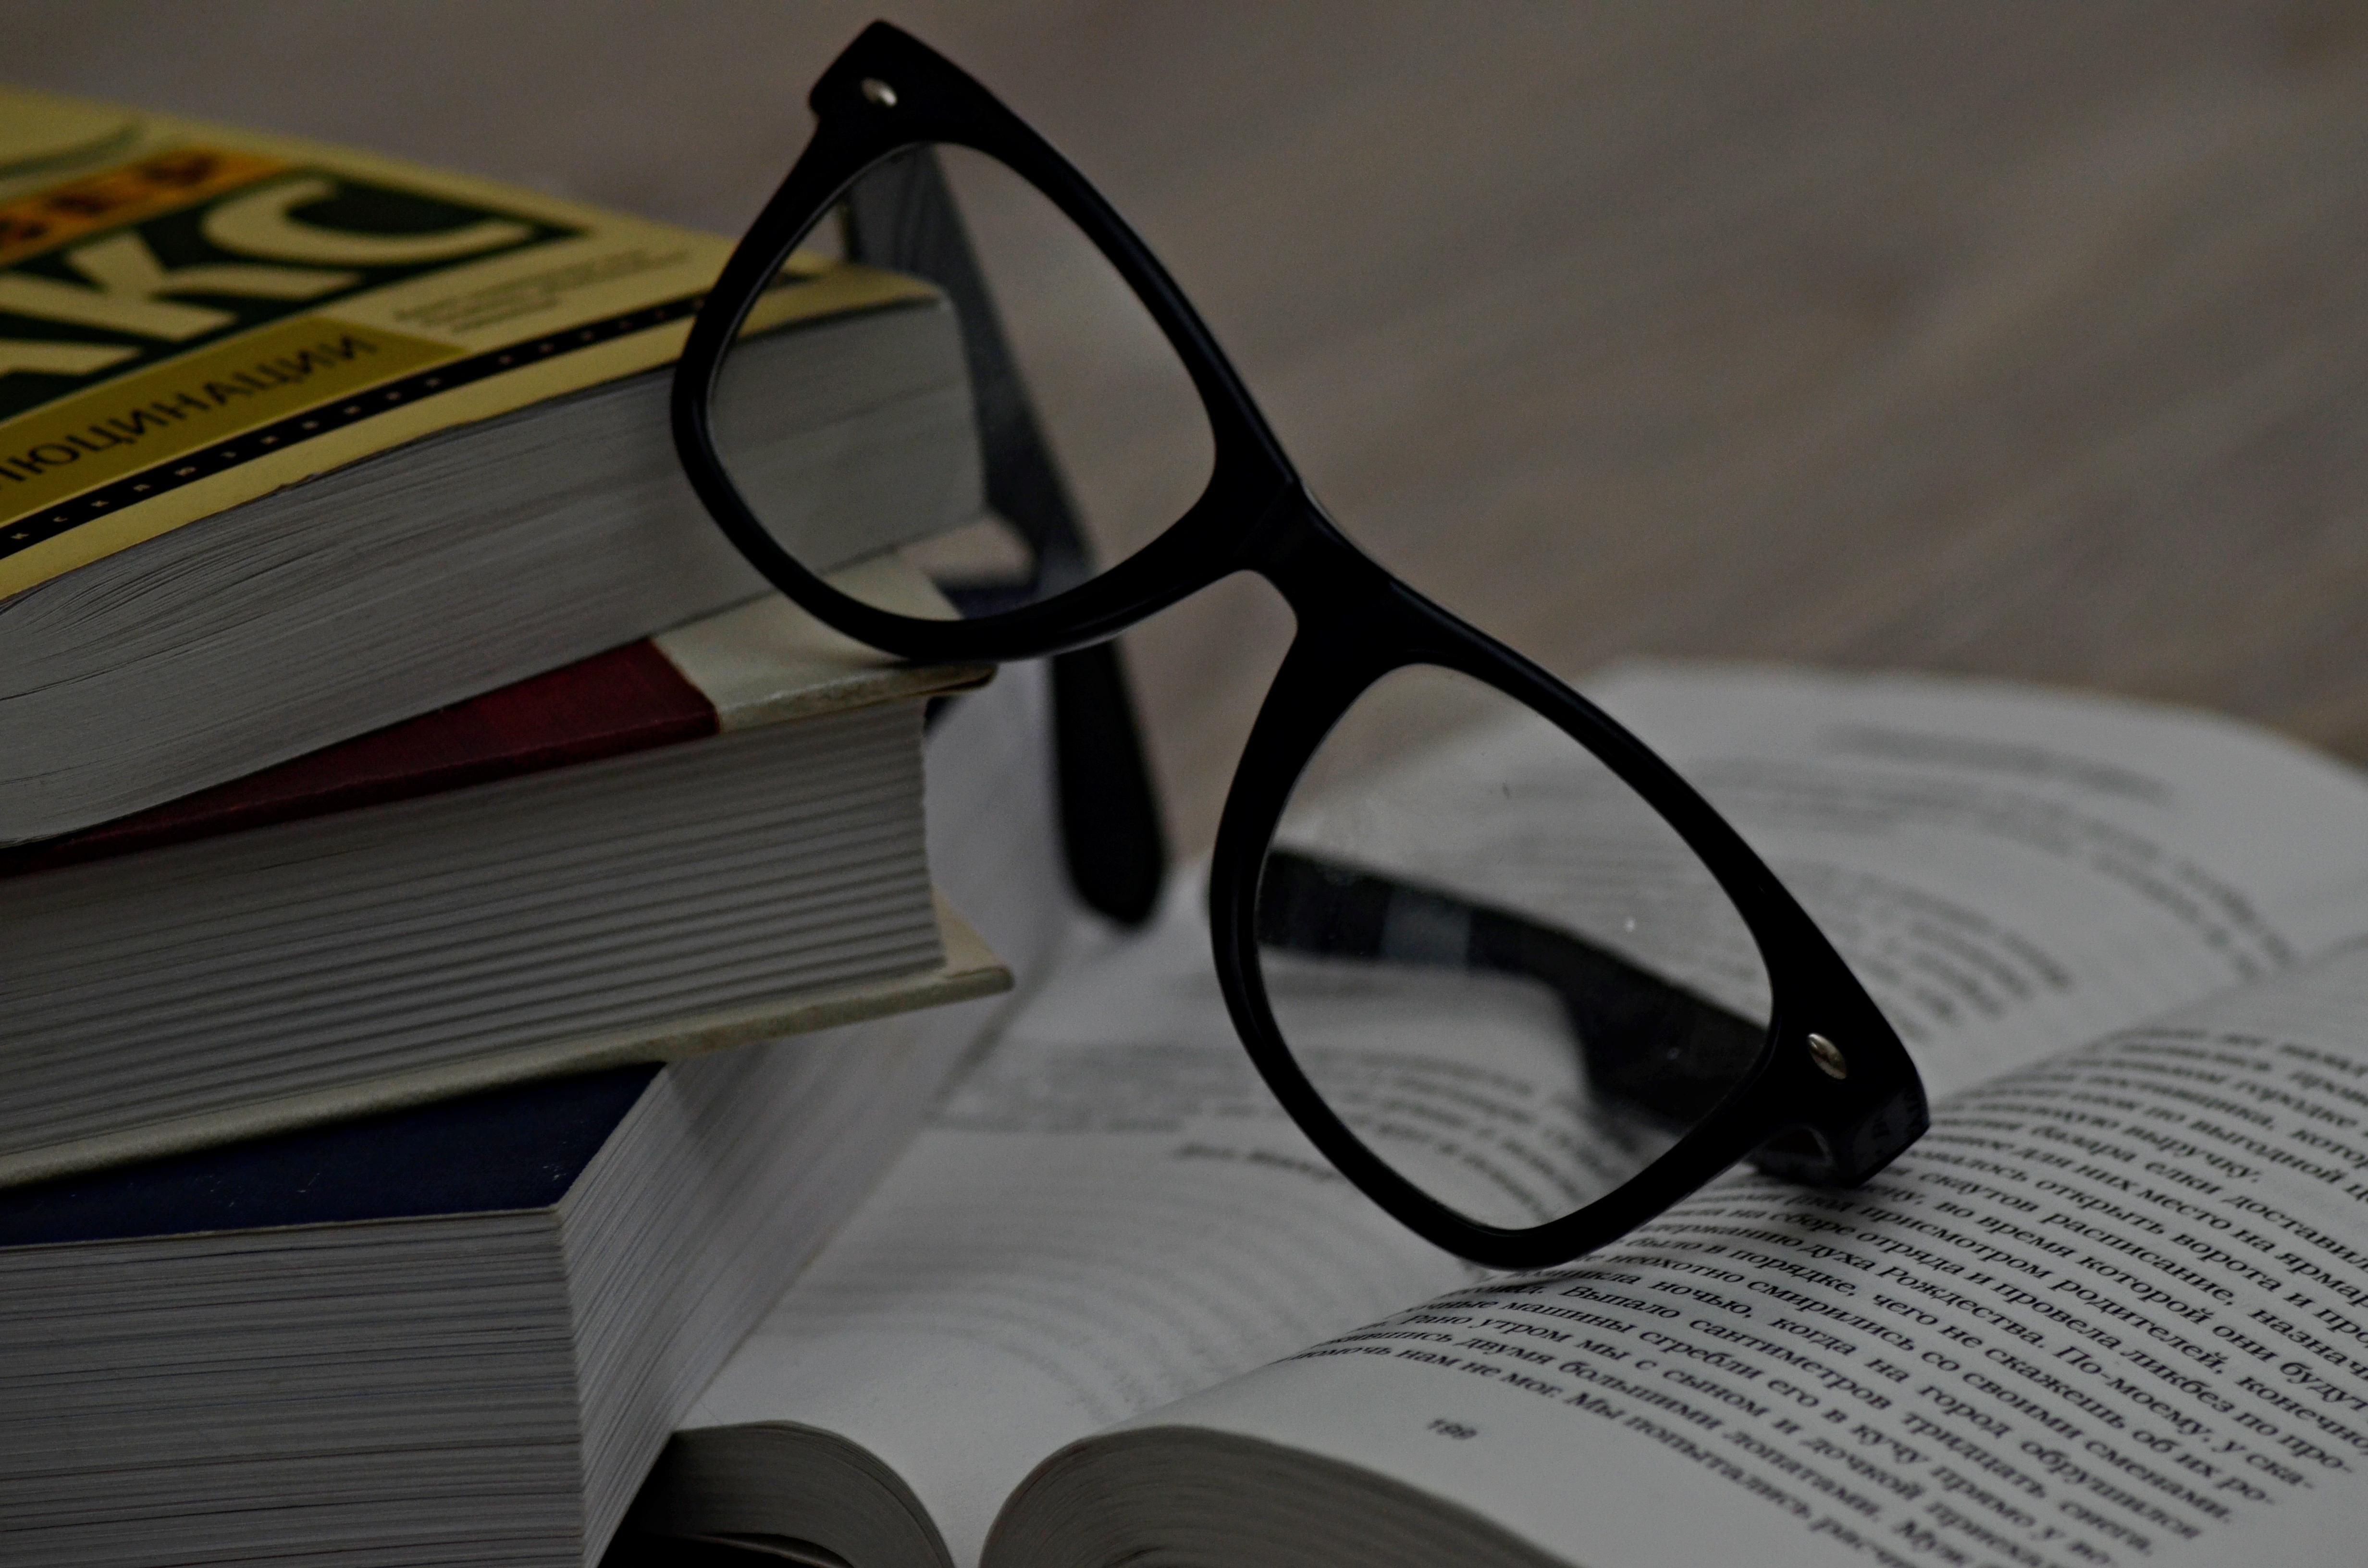 Читаем книжки вместе с Мишкой: москвичей пригласили в литературный проект «Садовников»